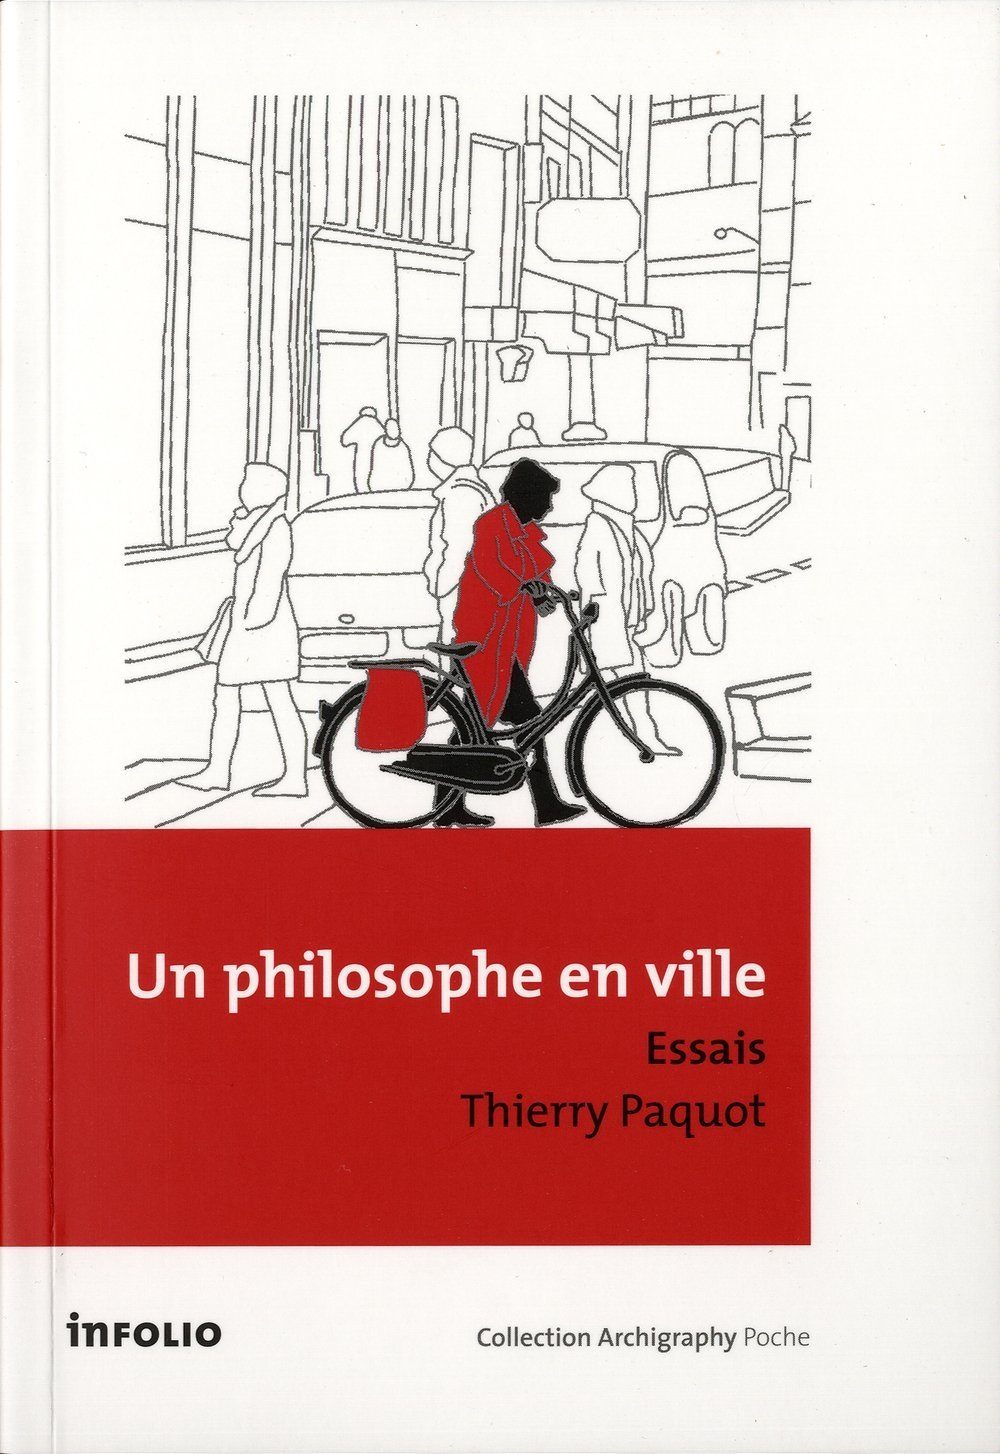 Un philosophe en ville